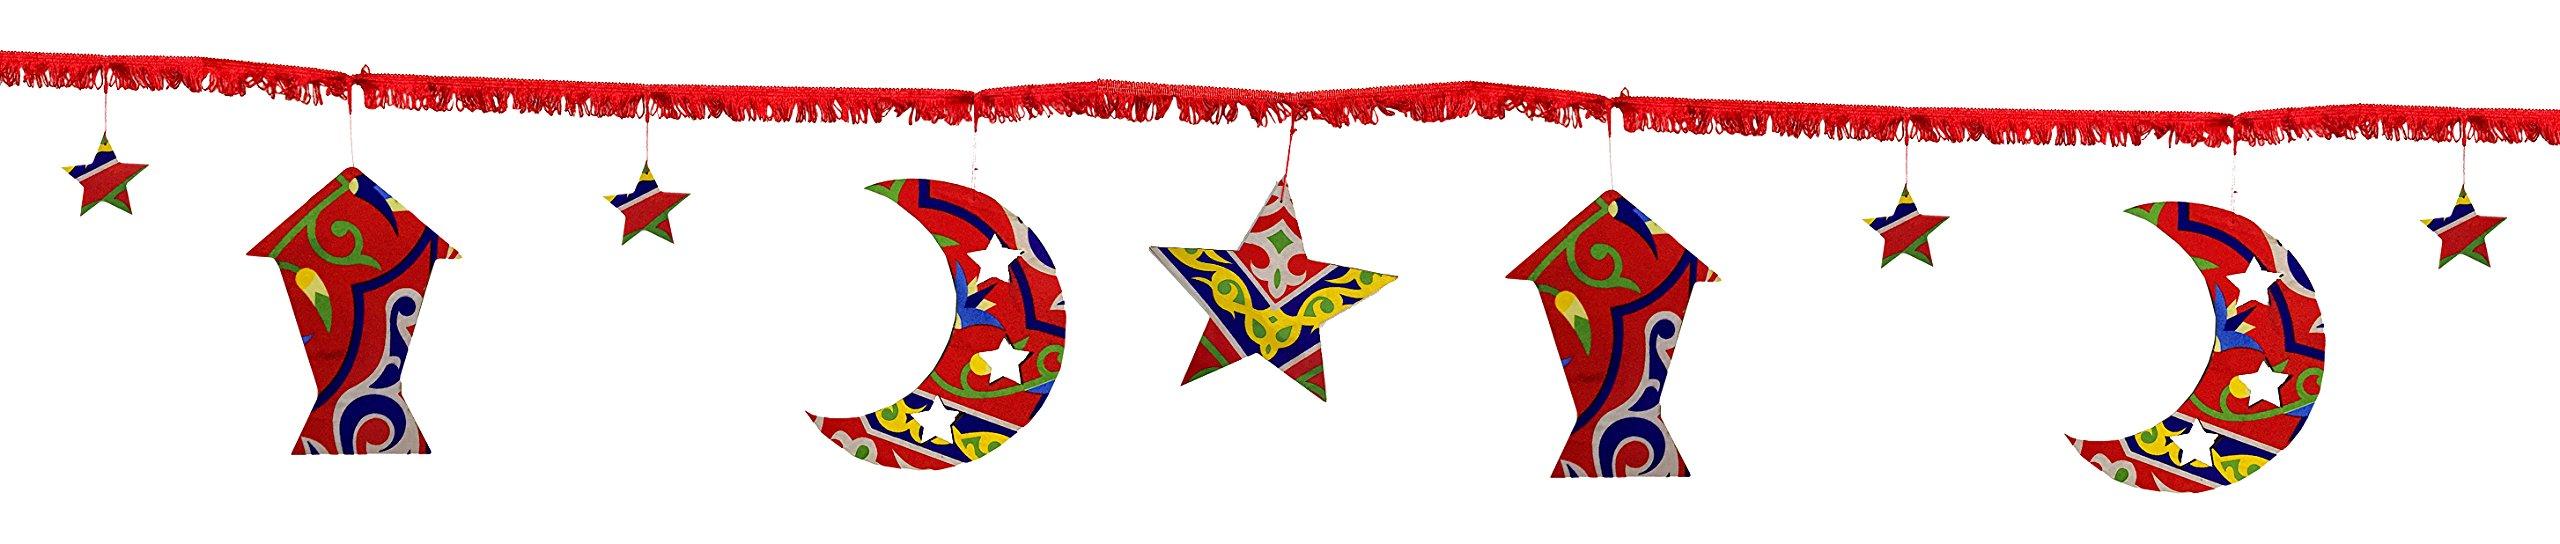 Memories Maker R2D005 Ramadan Decoration Rope, Red